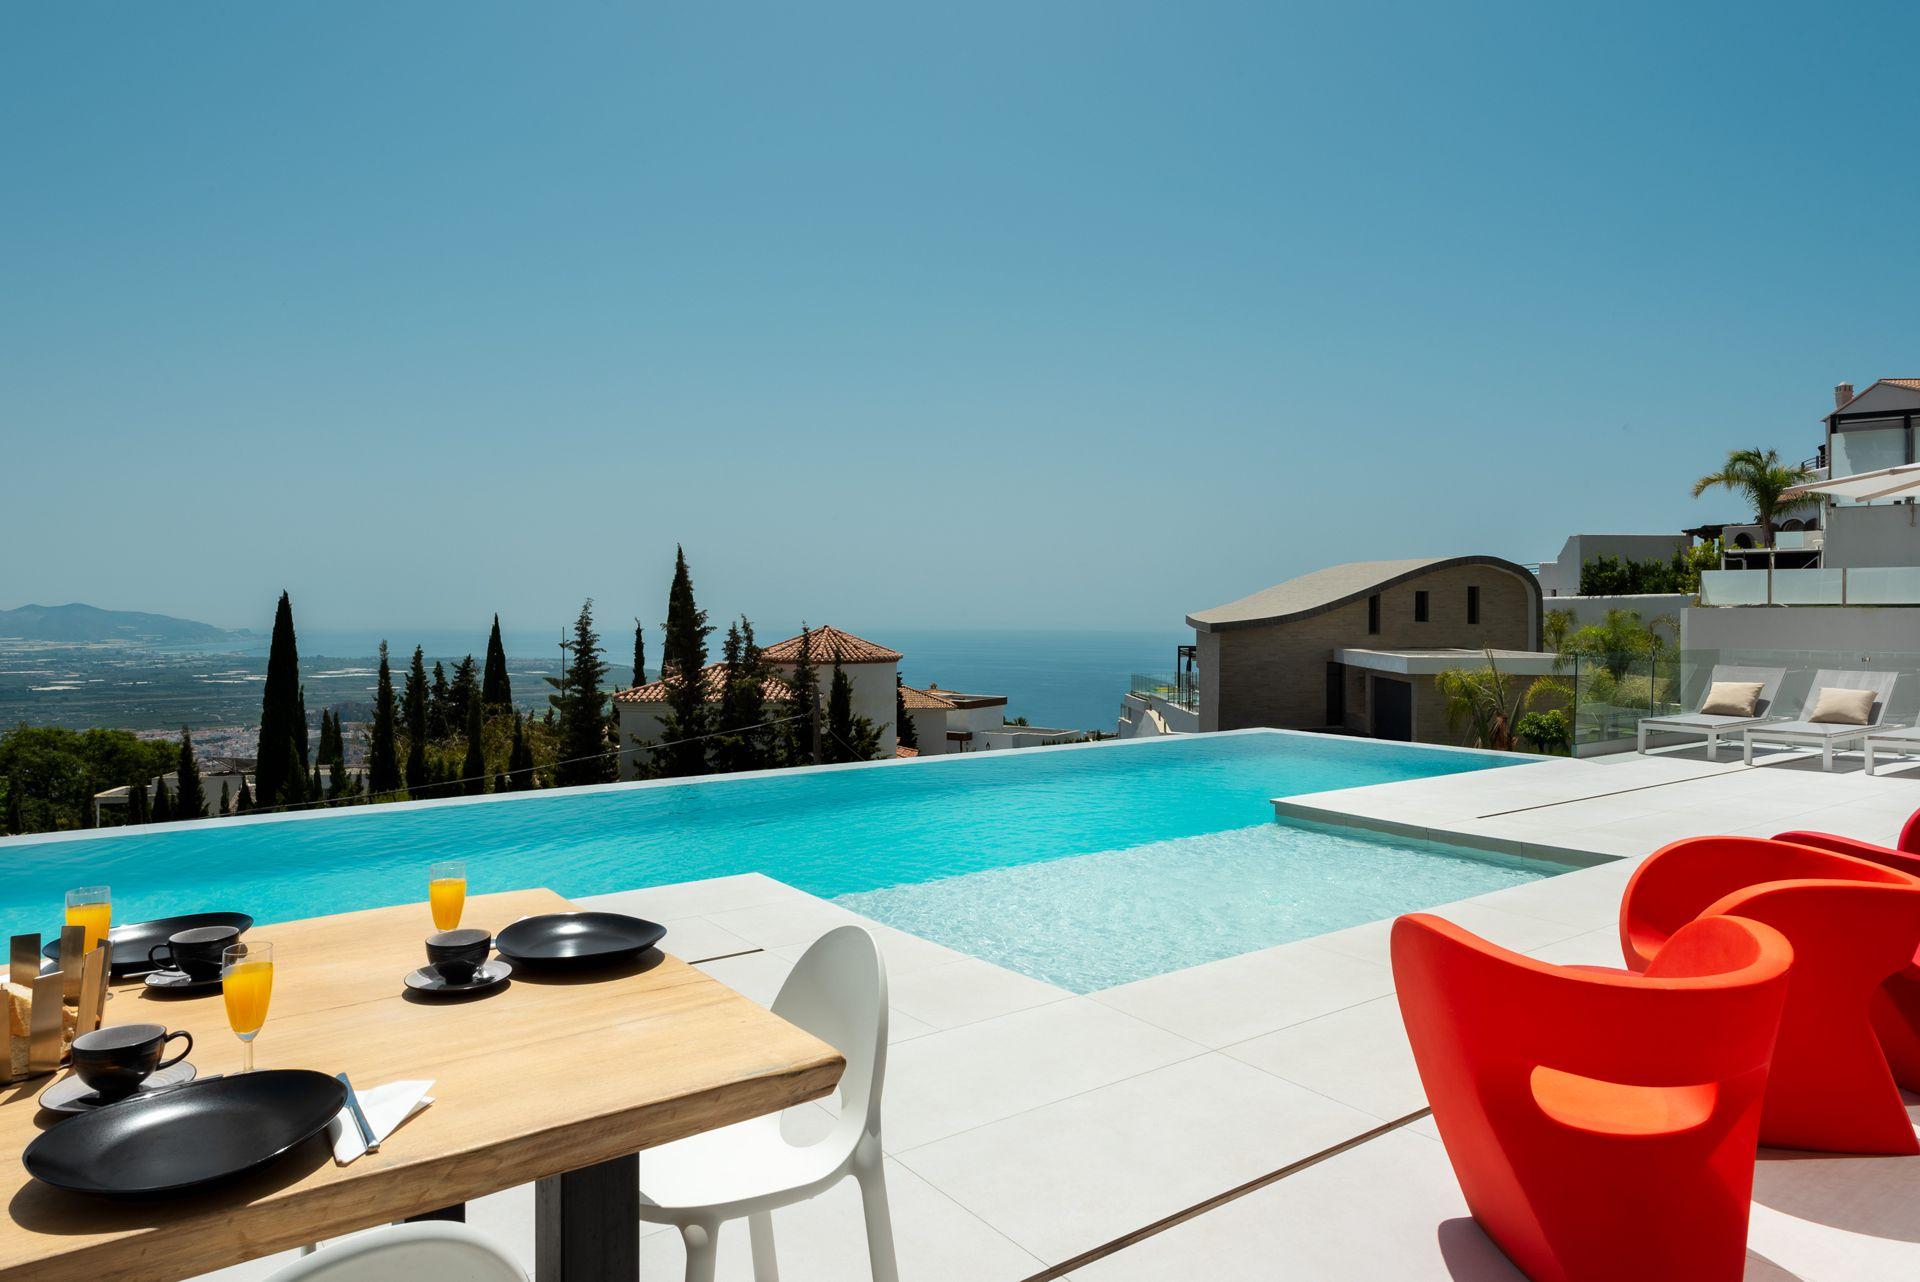 Villa Oro terraza y piscina